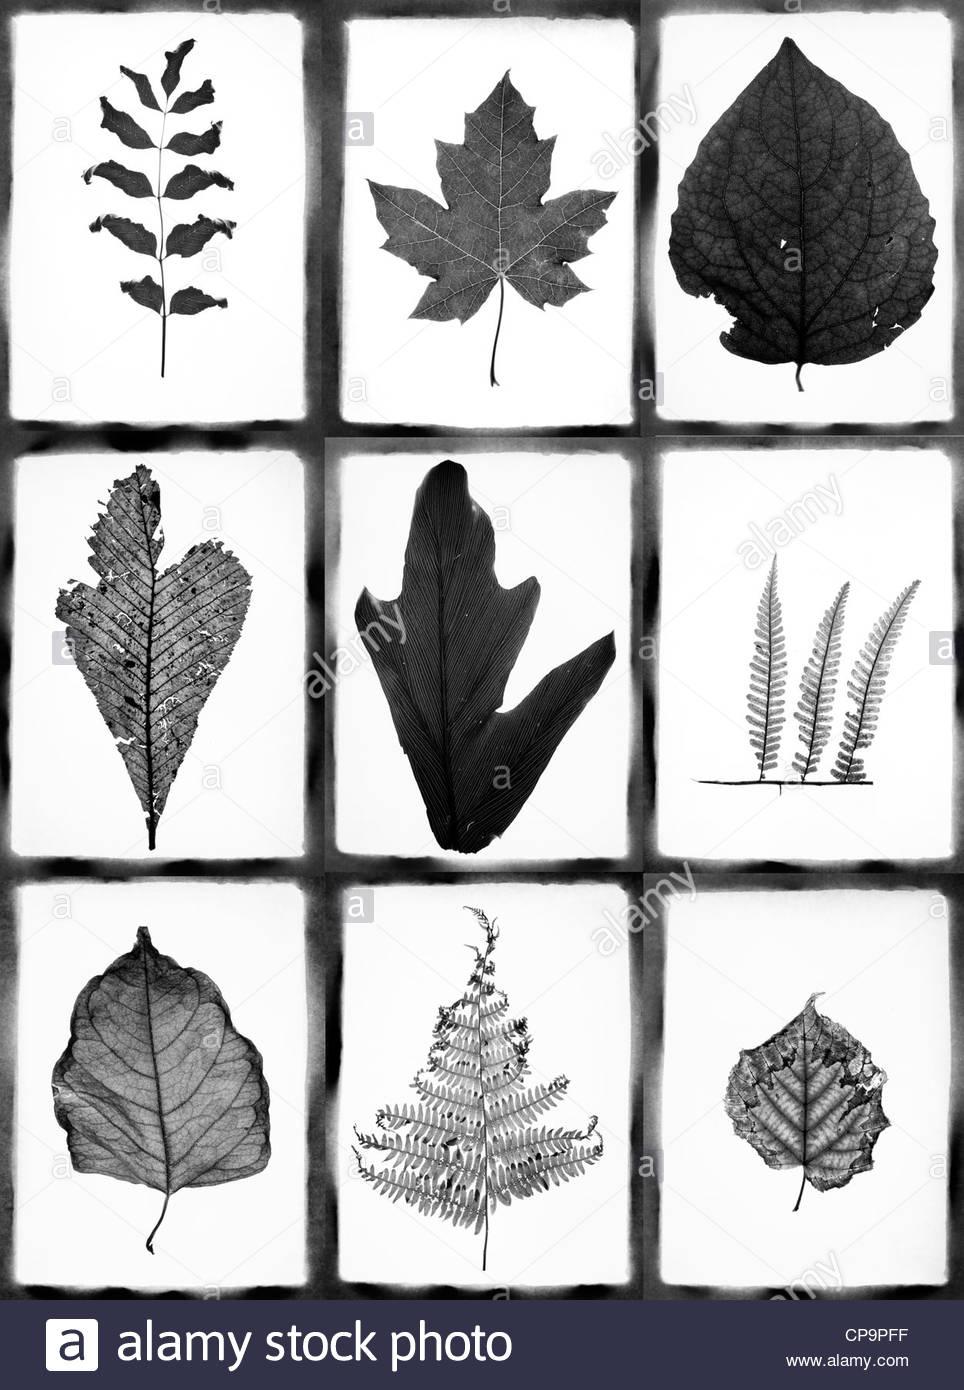 Collage con varias hojas Imagen De Stock